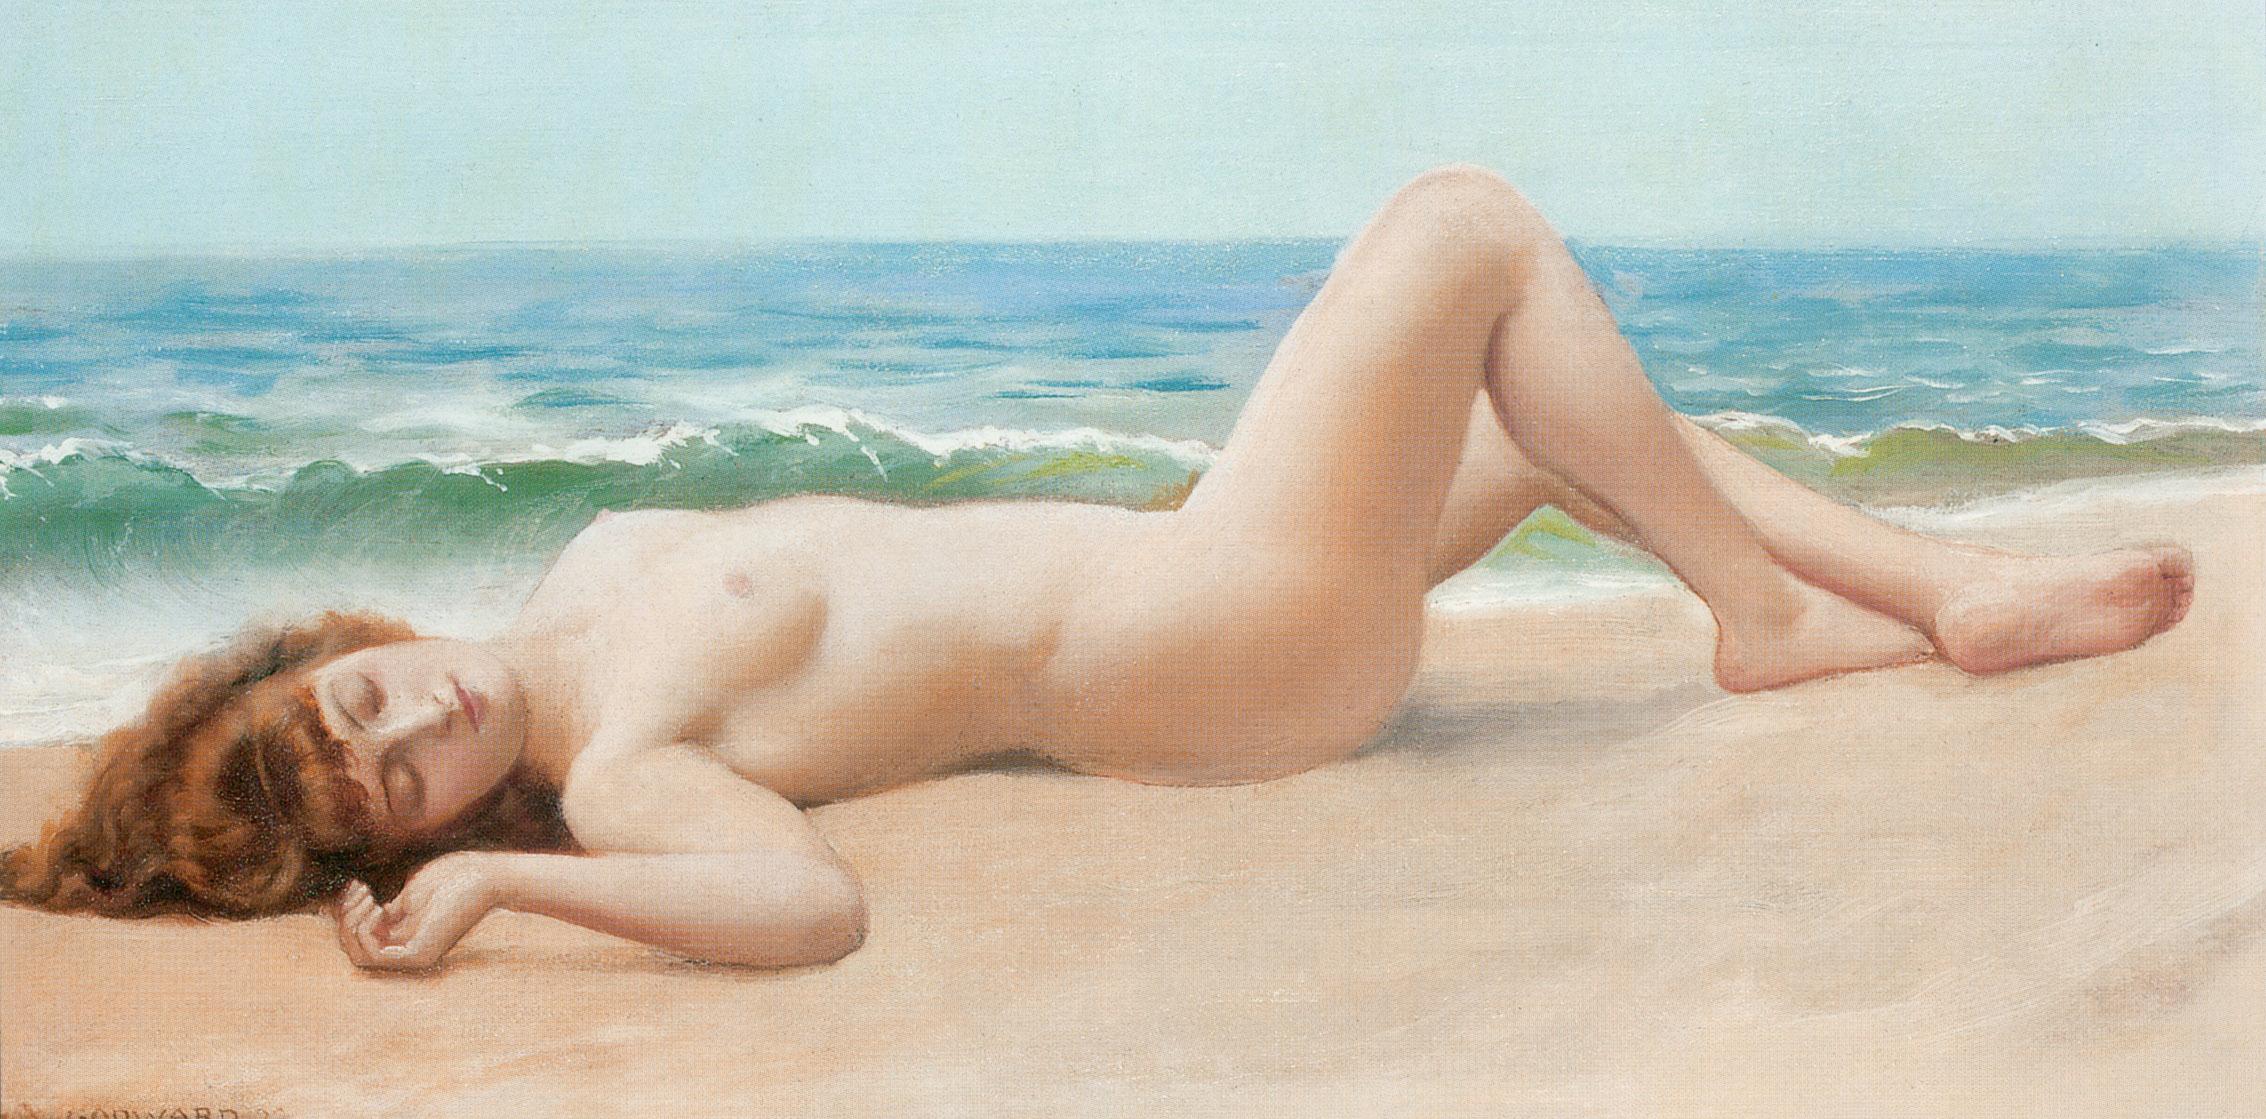 Femmes nues prisent en photo leur insus sur la plage sur